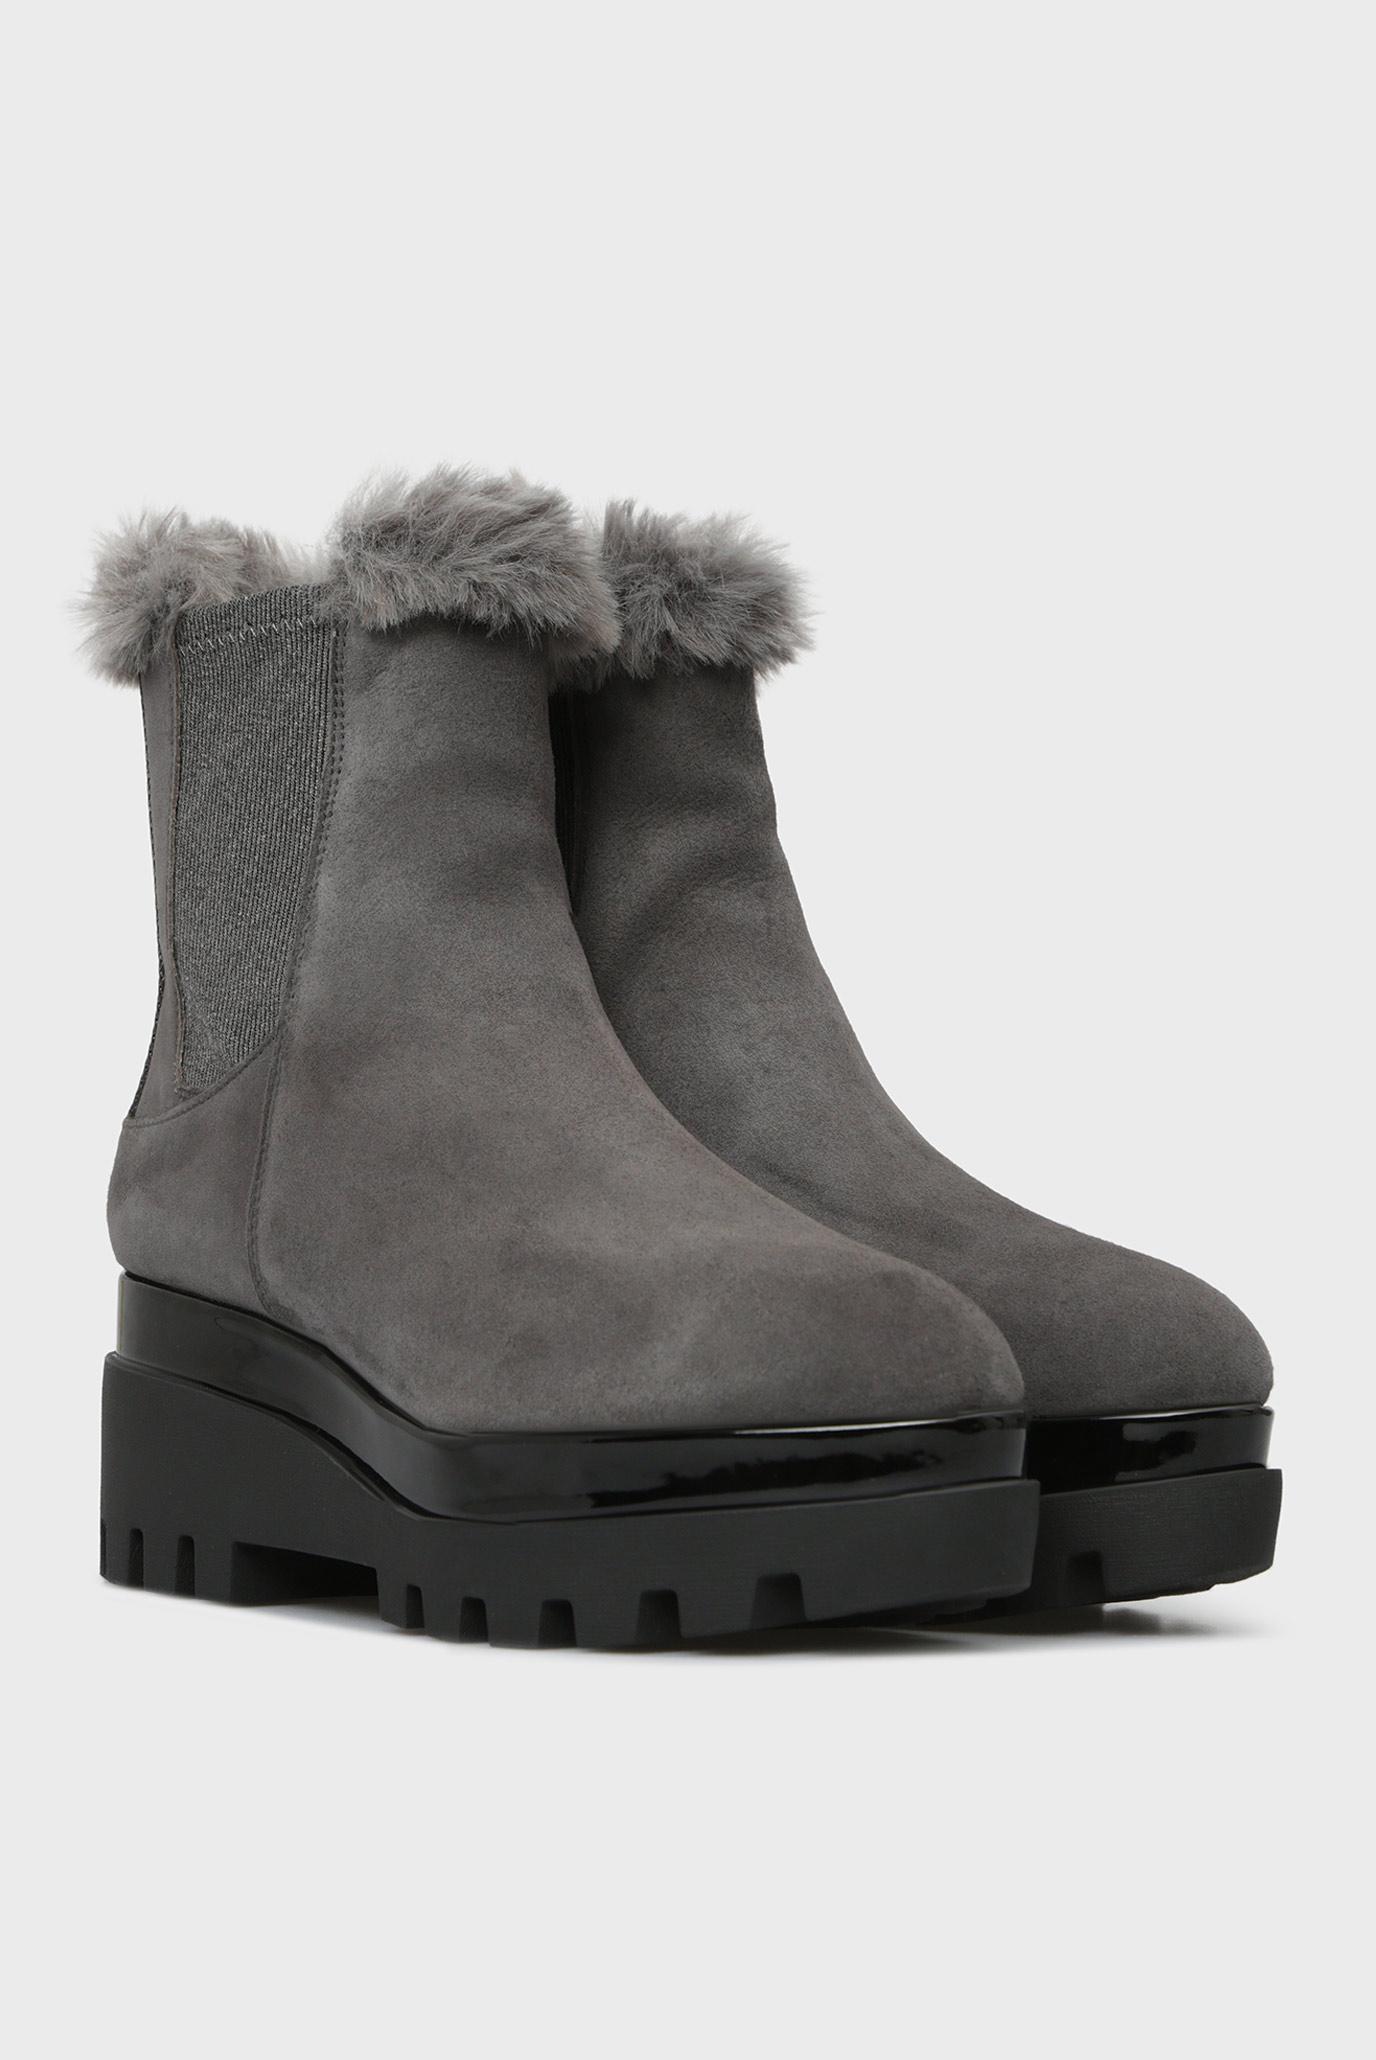 Купить Женские серые замшевые ботинки BAX DKNY DKNY K3807695 – Киев, Украина. Цены в интернет магазине MD Fashion